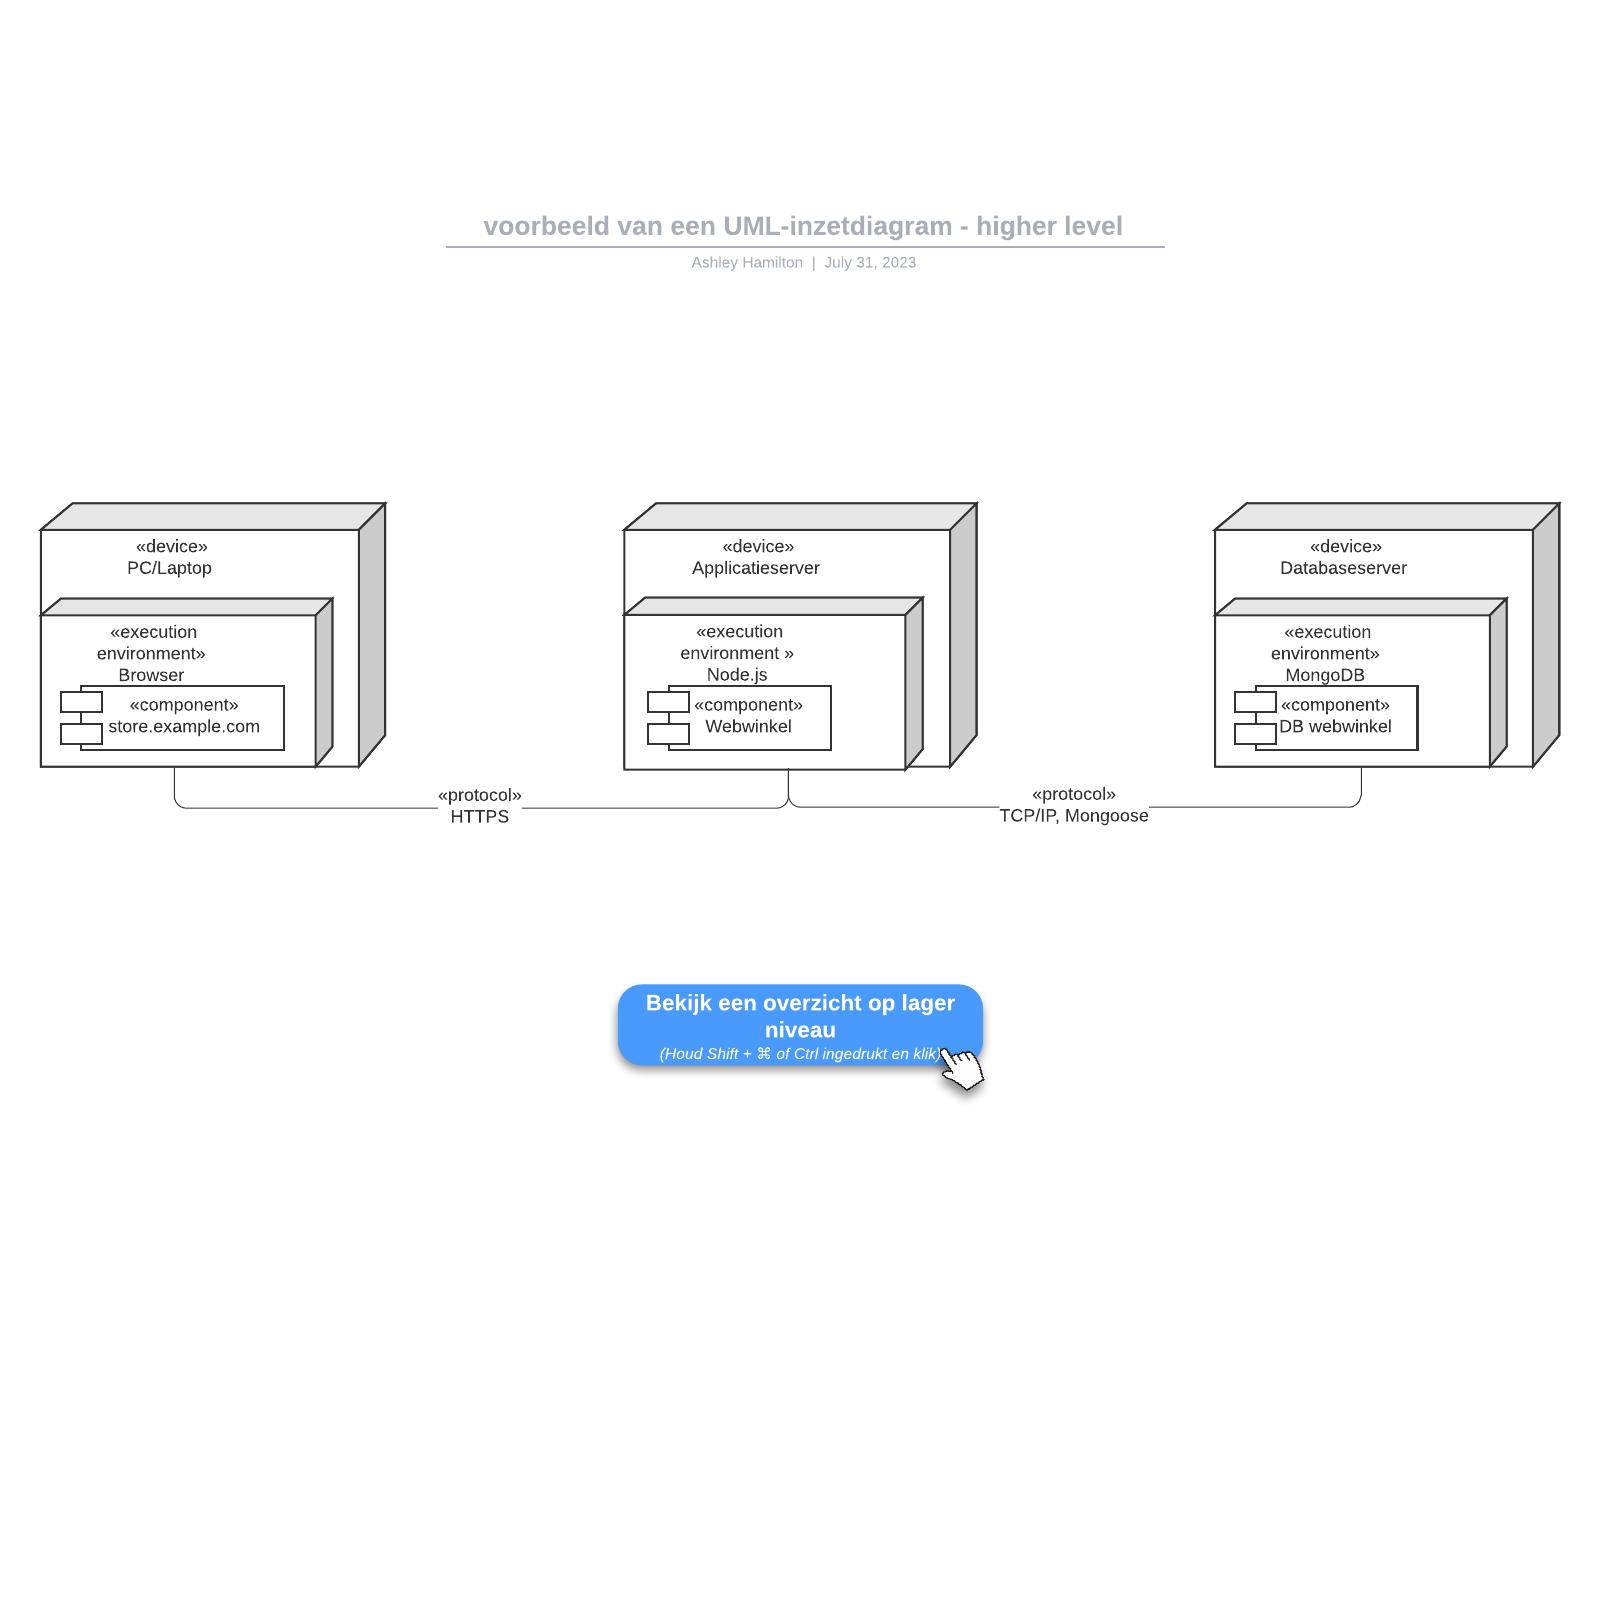 voorbeeld van een UML-inzetdiagram